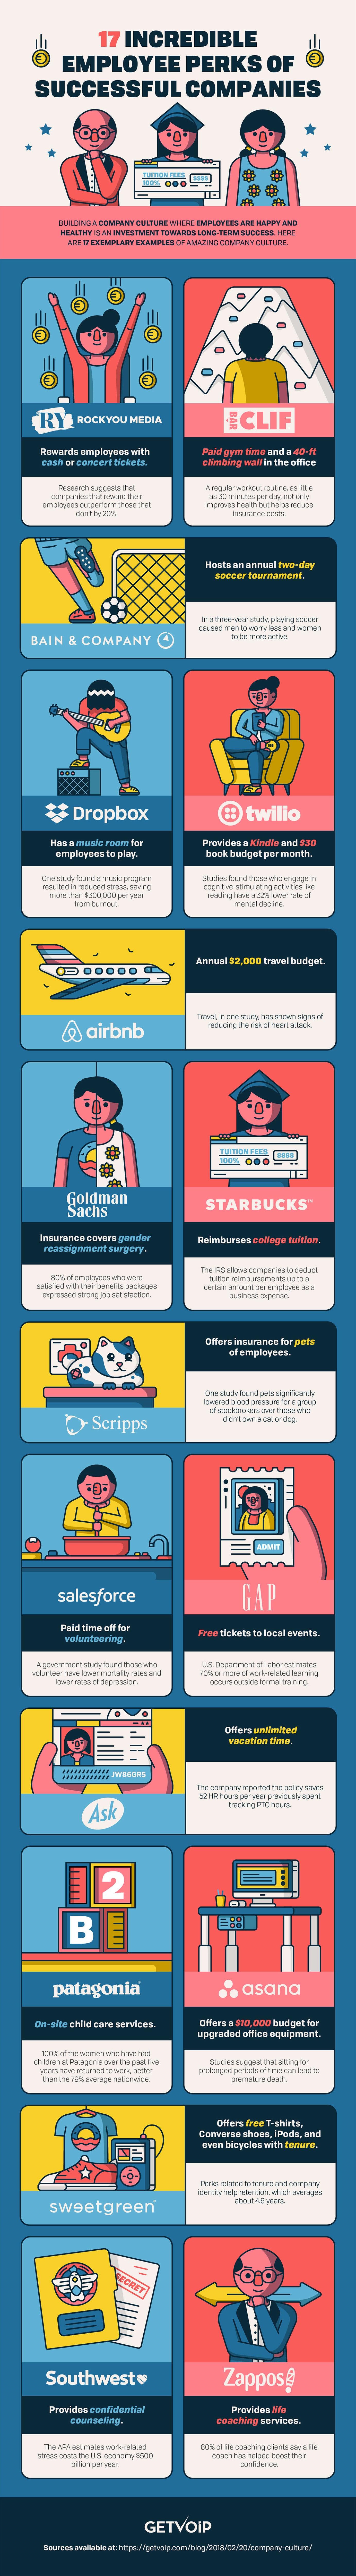 https://assets.entrepreneur.com/images/misc/1526659408_employee-perks-infographics.jpg